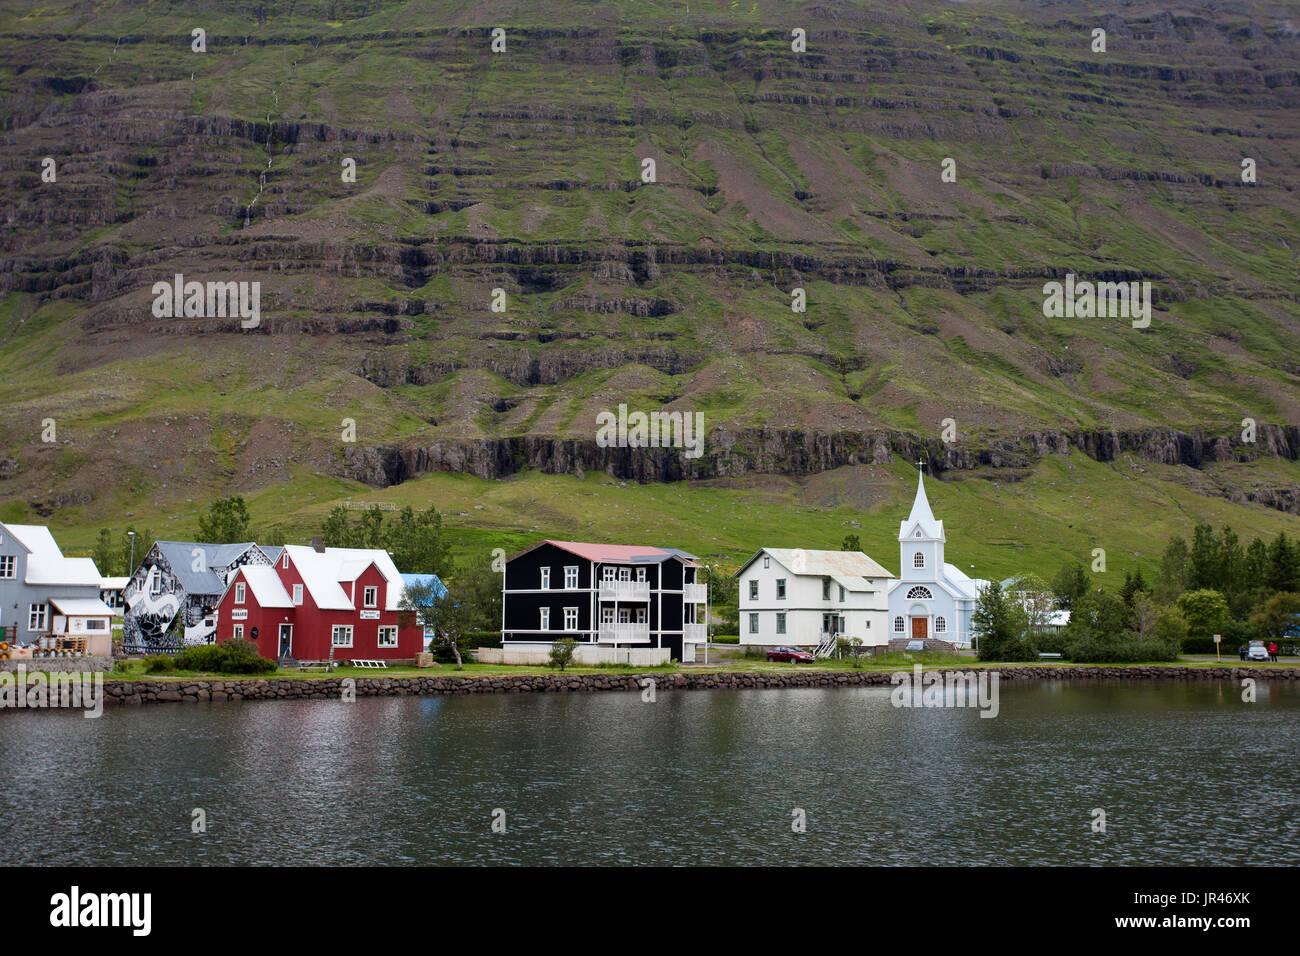 Seyðisfjörður or Seydisfjordur - Stock Image